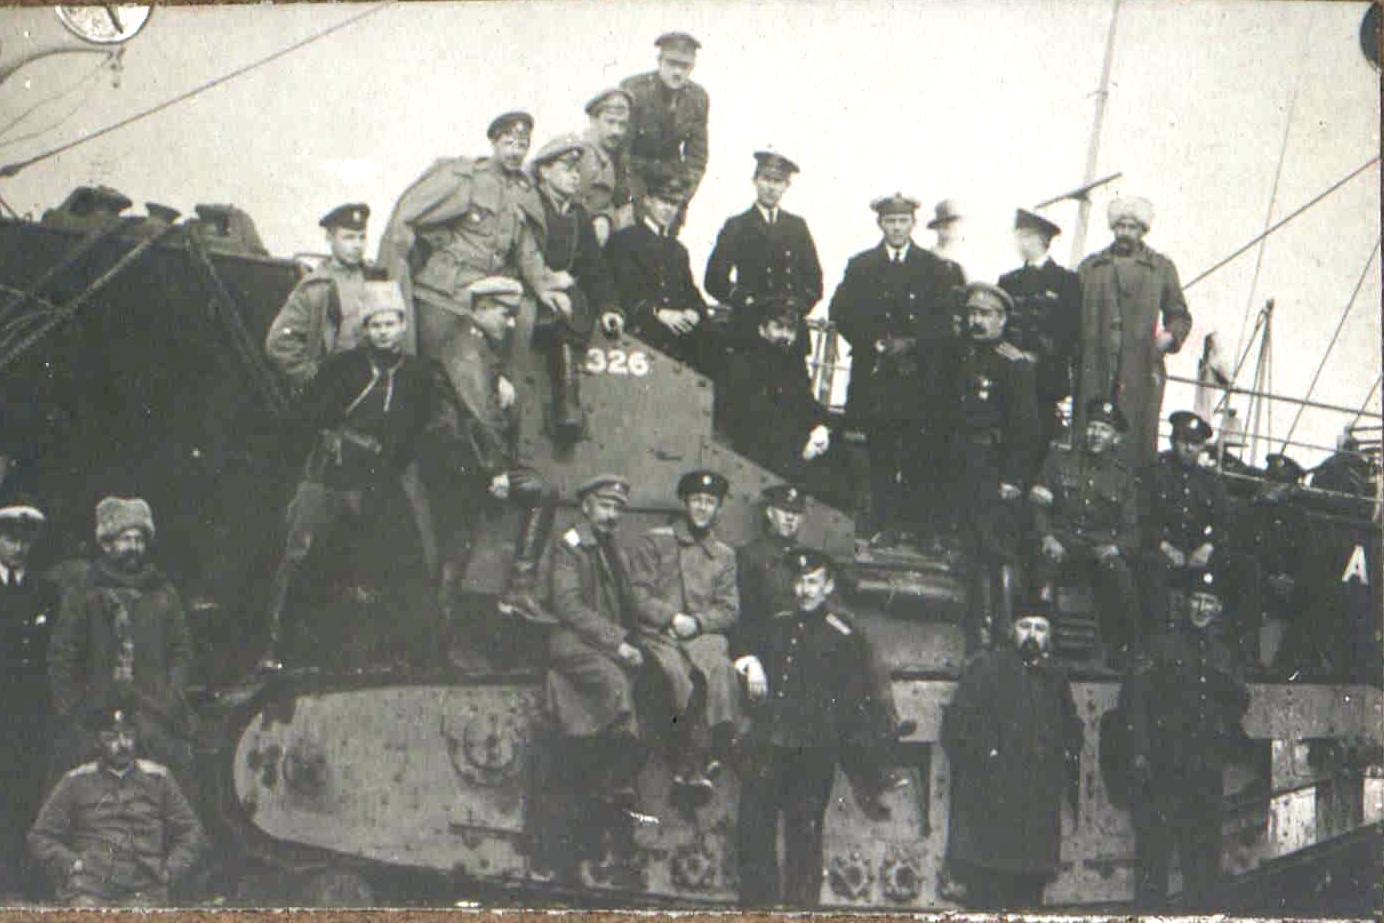 318. Офицеры Вооруженных сил Юга России и британские моряки на доставленном из Англии и снятом с парохода танком МК-А «Уиппет» с бортовым номером 326